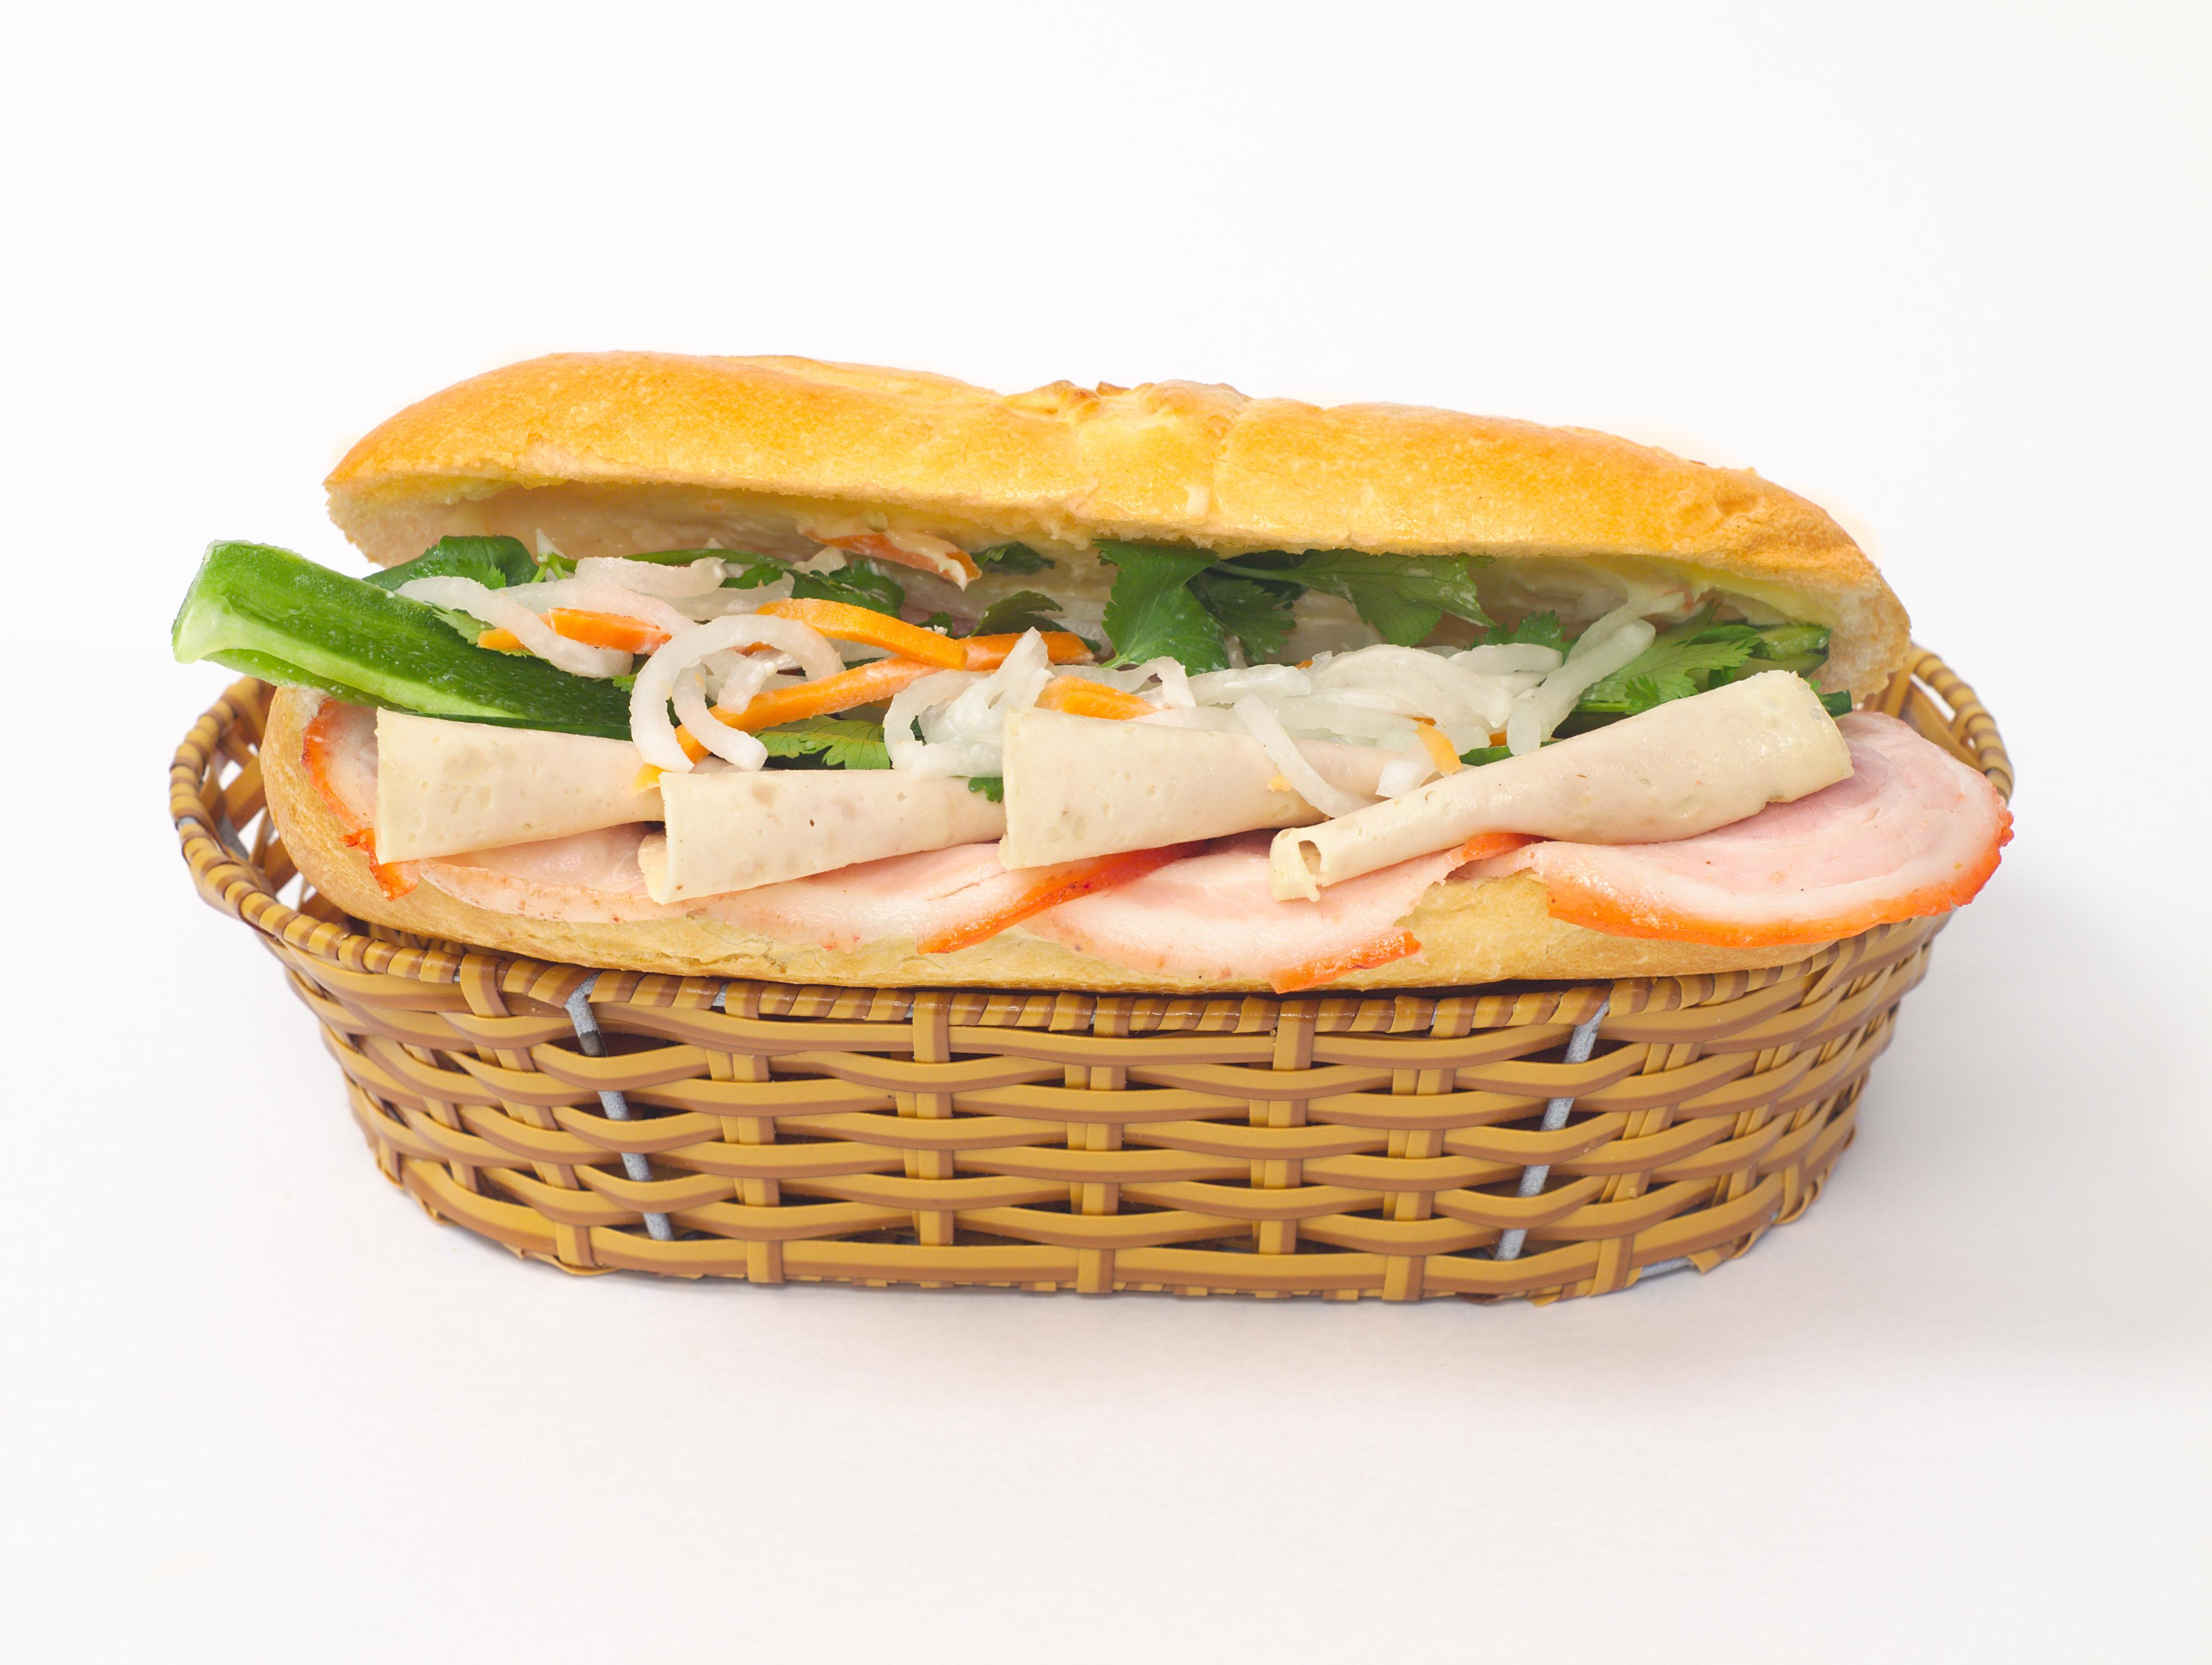 #4 Vietnamese Bacon